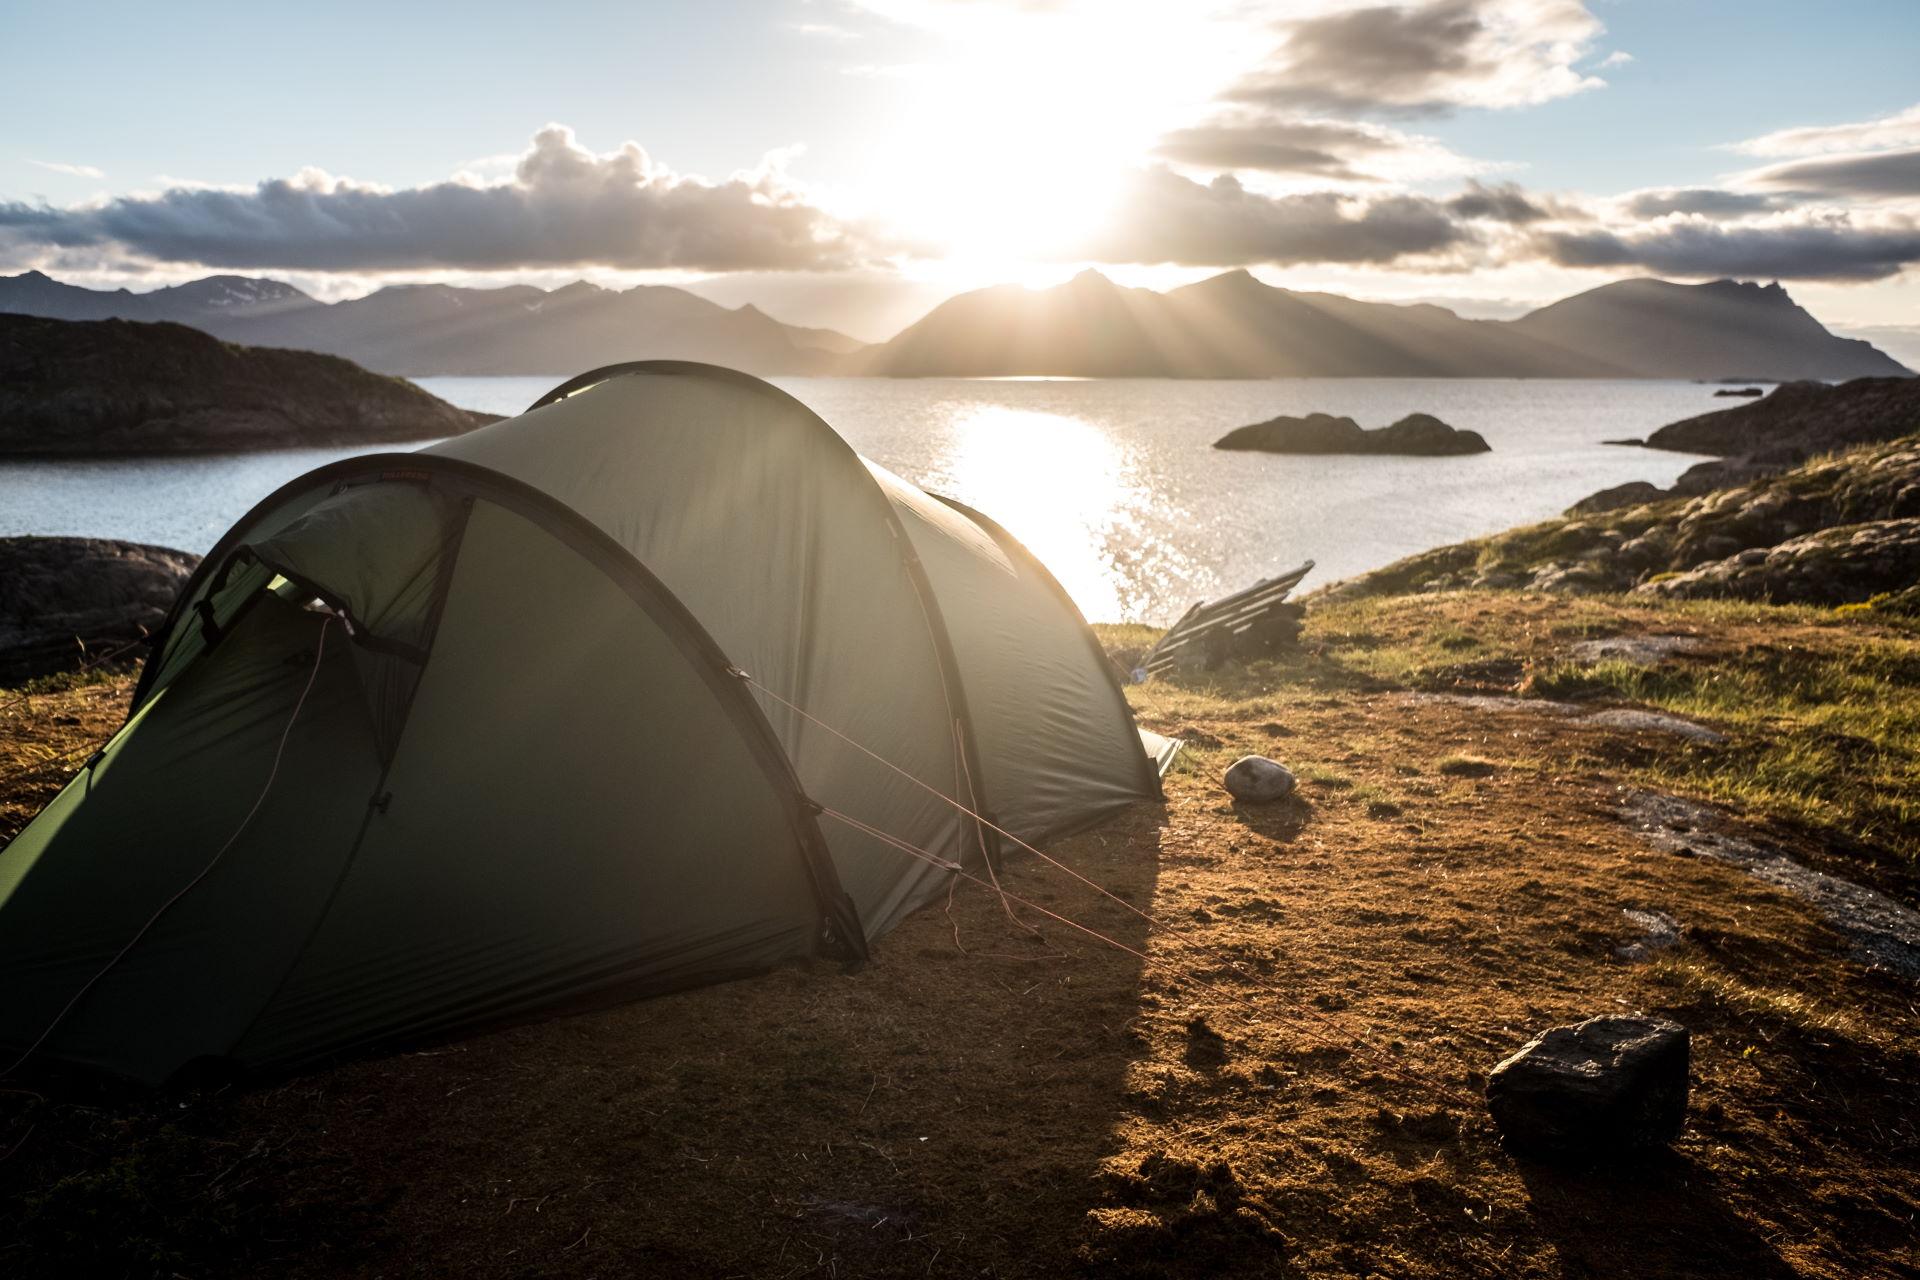 Ein Tunnelzelt steht auf einem Berg am Meer bei Sonnenaufgang